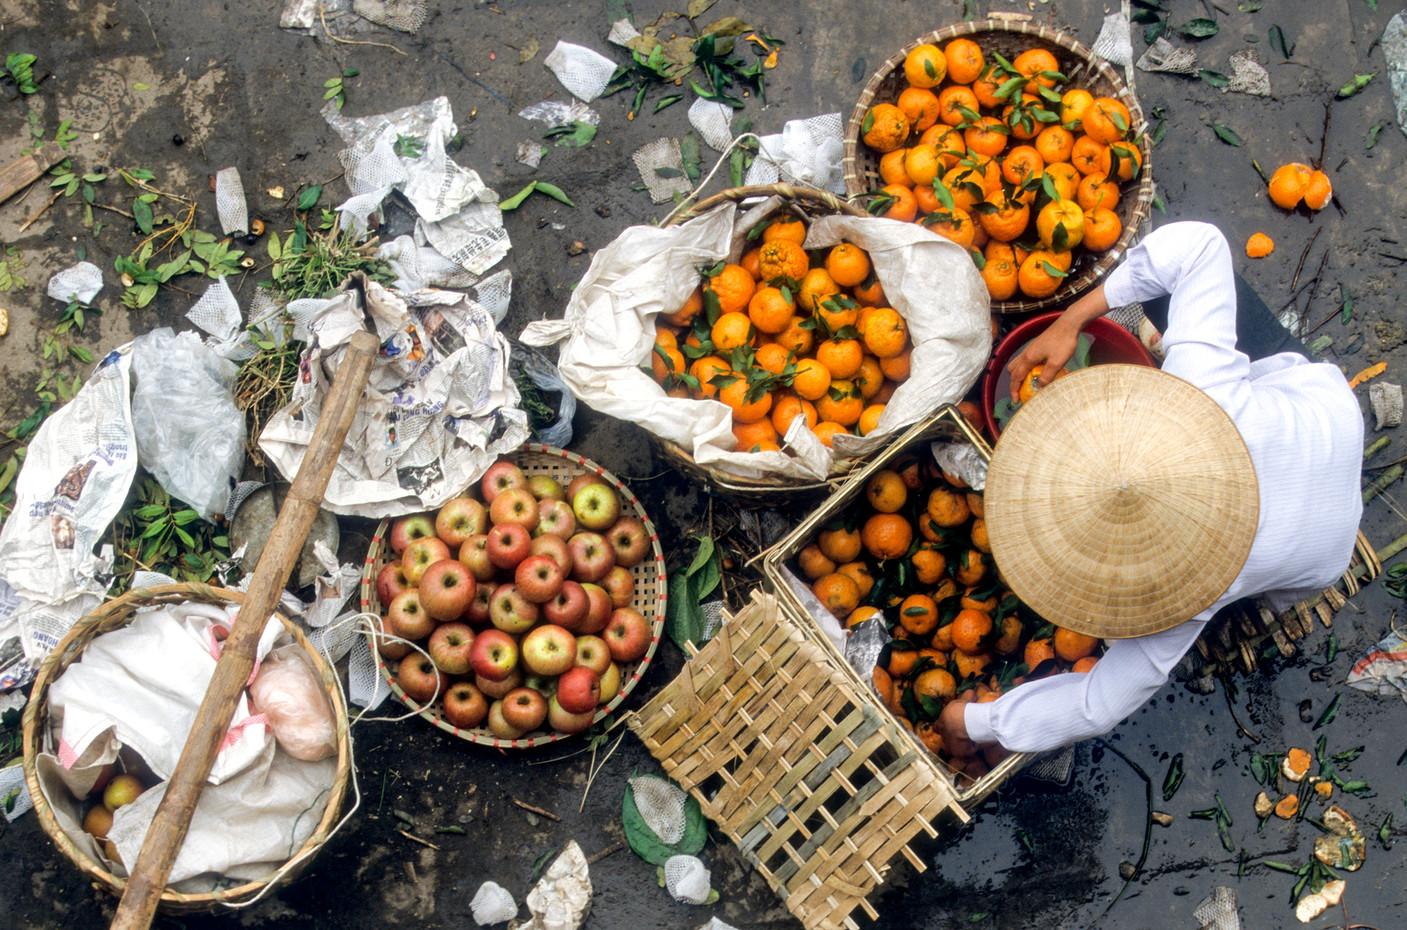 Fruit seller in Hanoi, Vietnam.